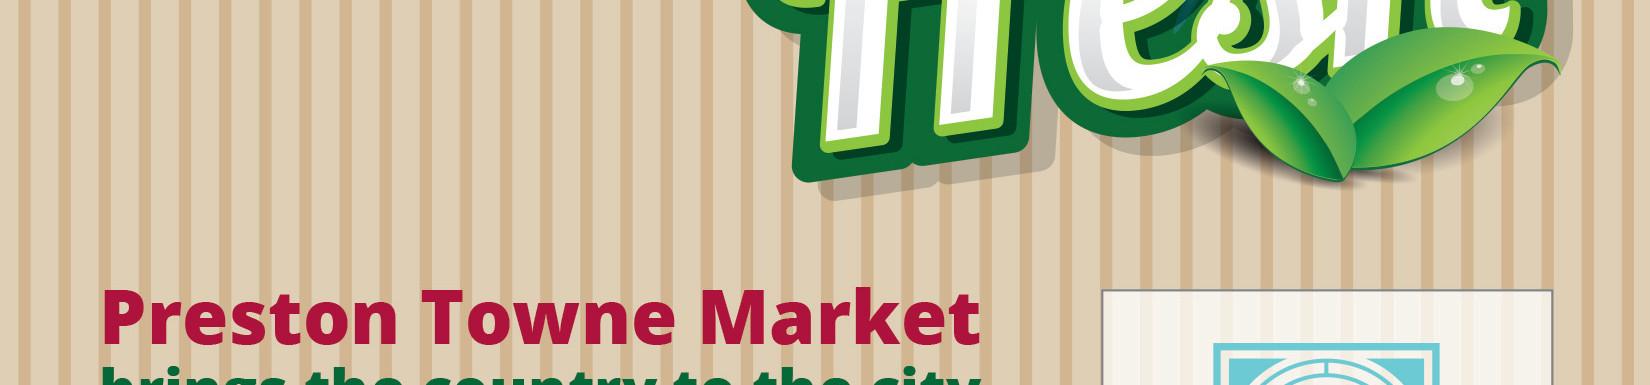 Preston Towne Market web page 2019 A.jpg